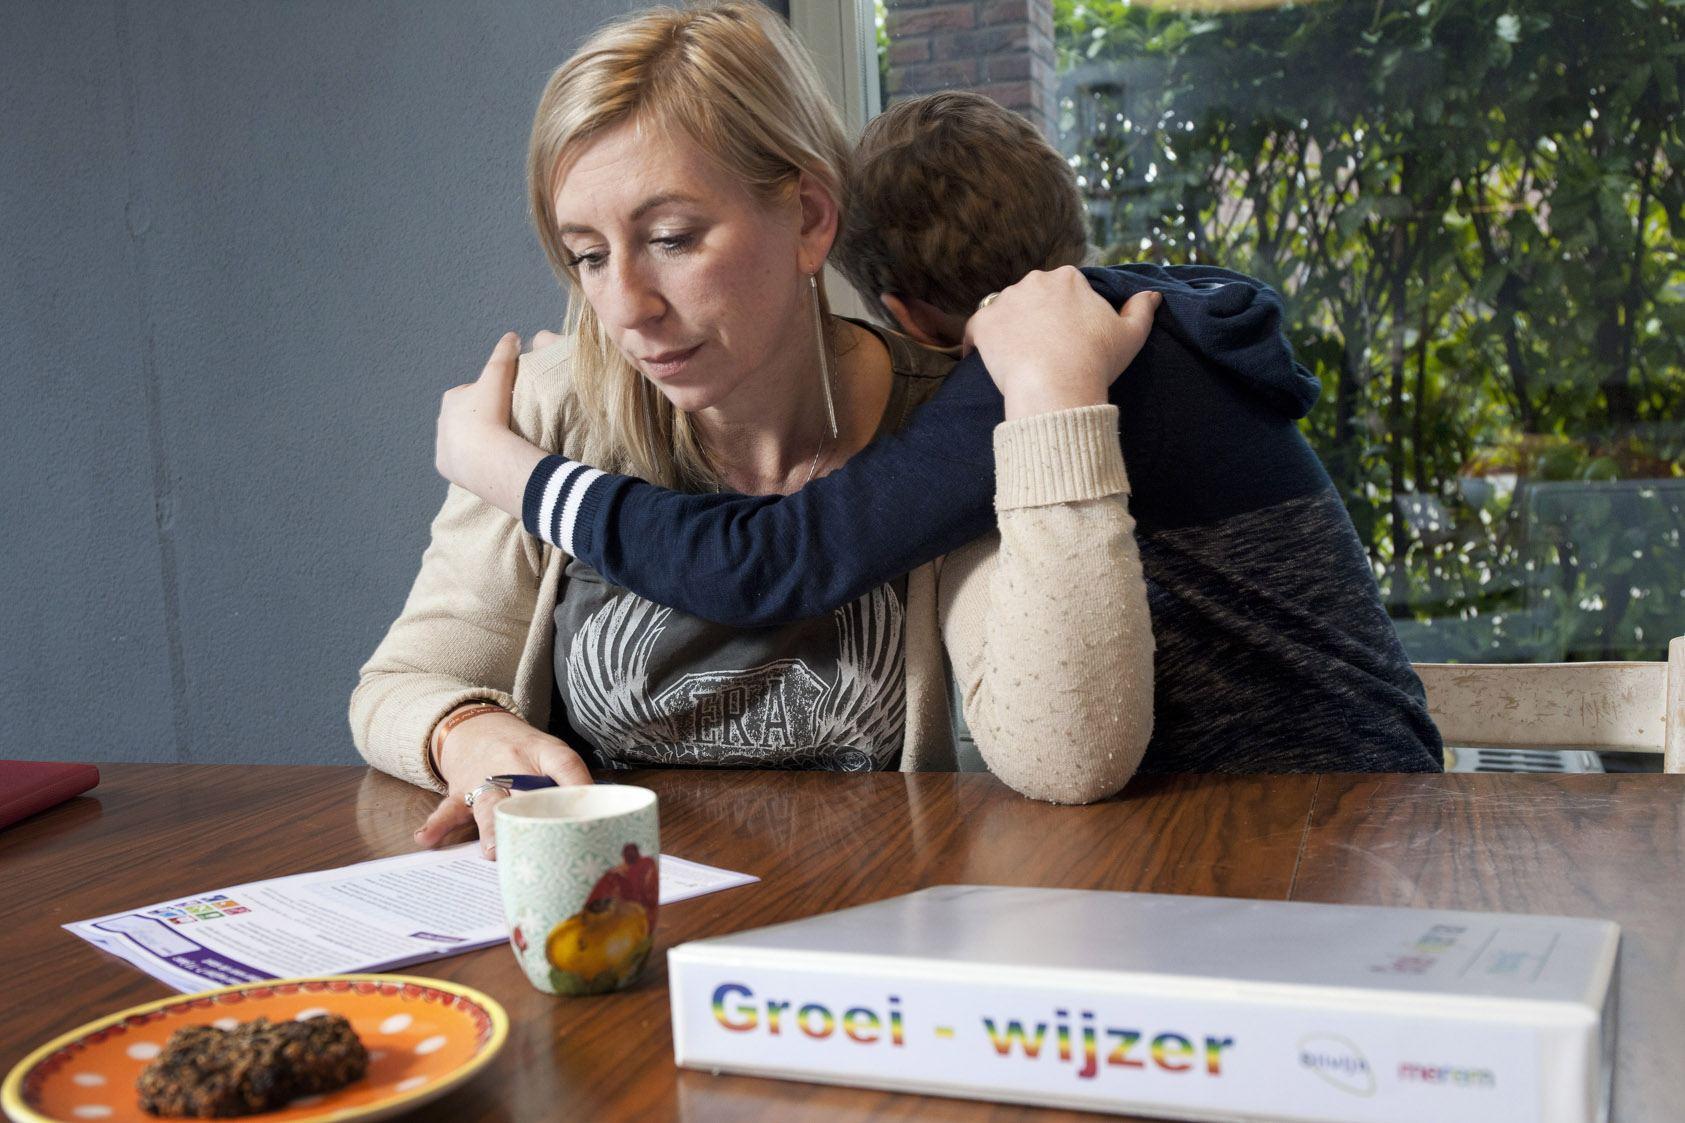 De zoon van Anne (41) had zware epilepsie: 'Je voelt je machteloos'